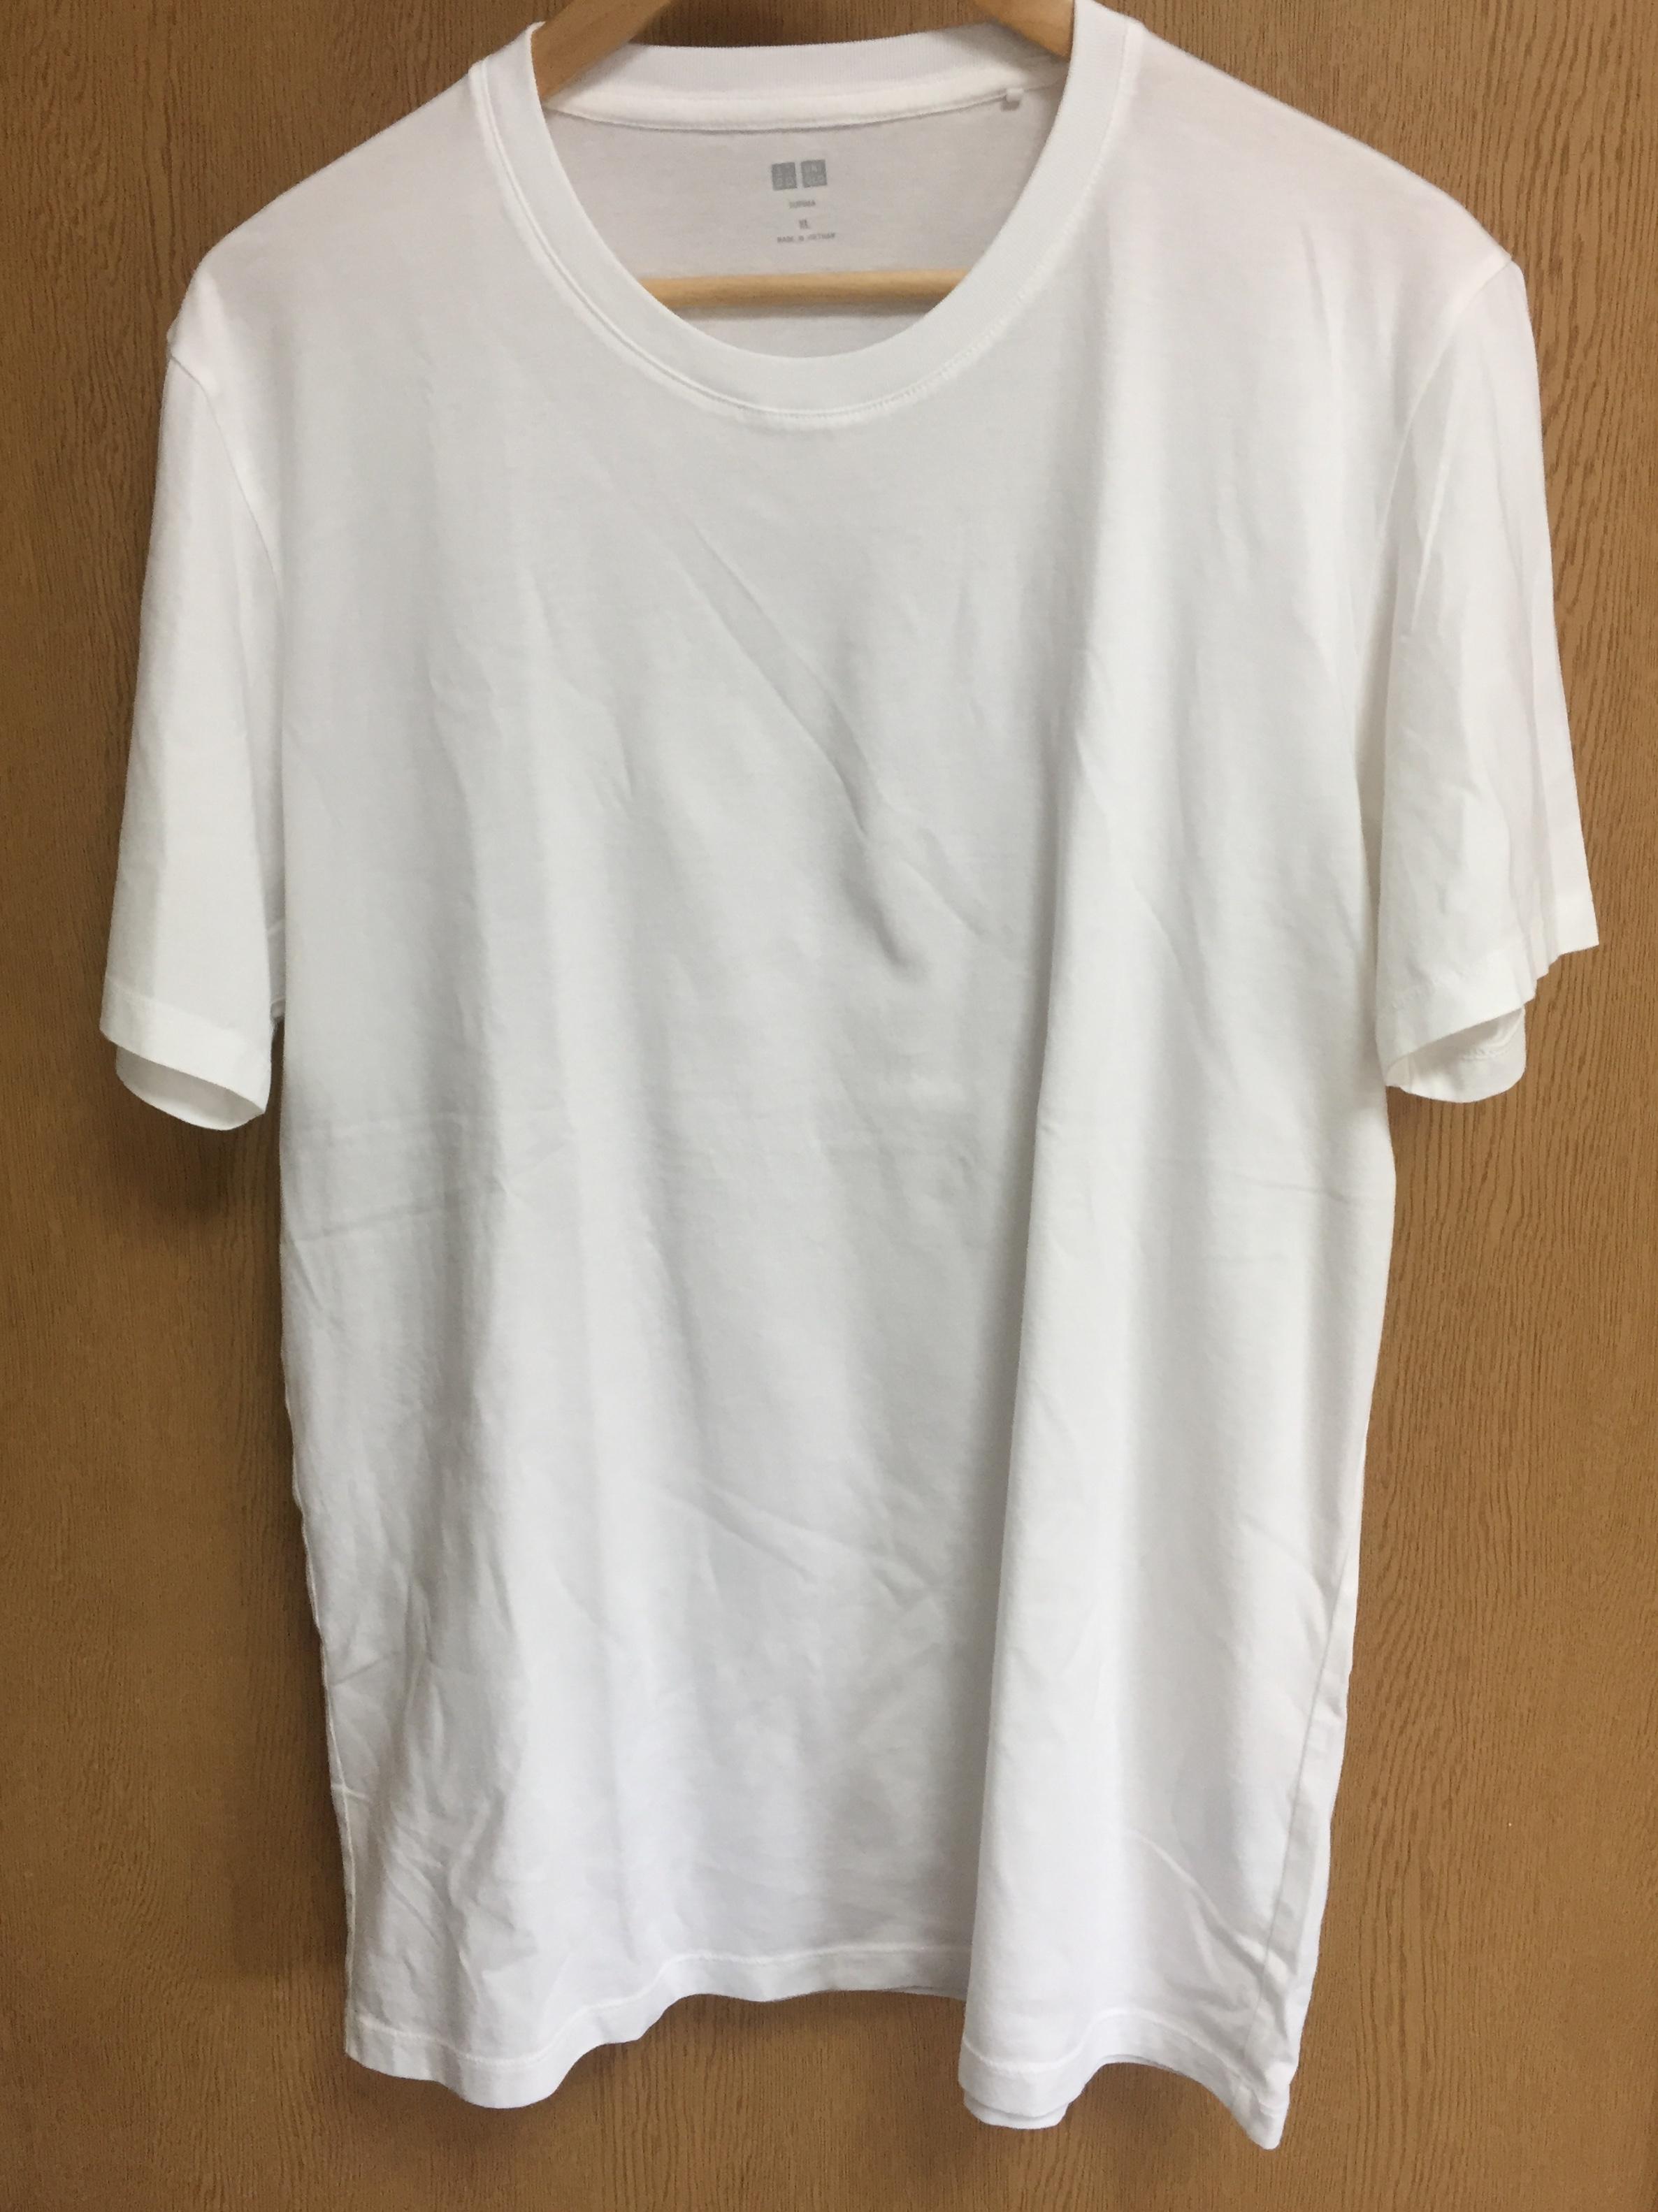 ユニクロのスーピマコットンクルーネックT(白Tシャツ)